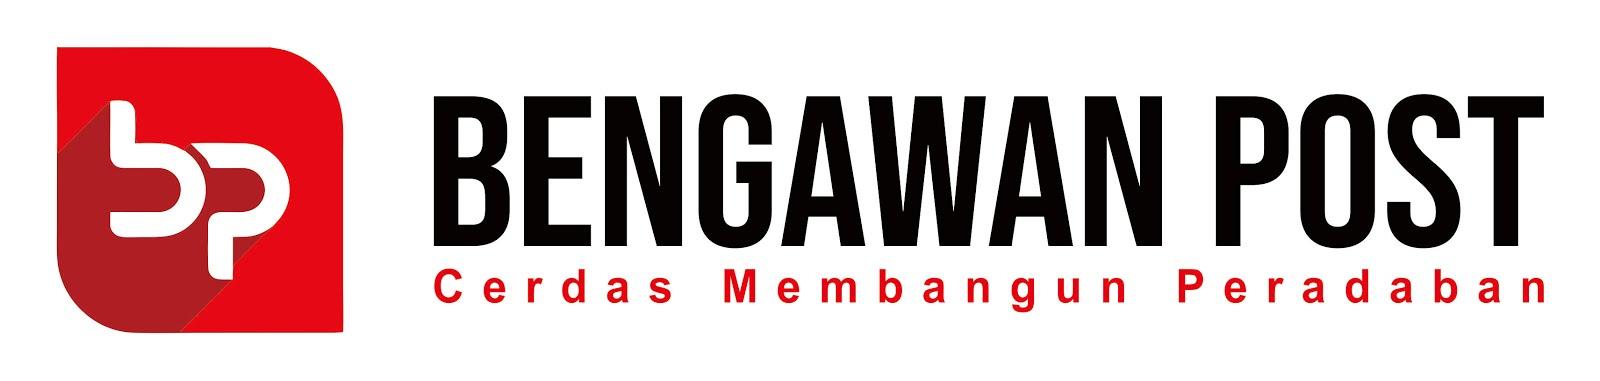 Bengawan Post